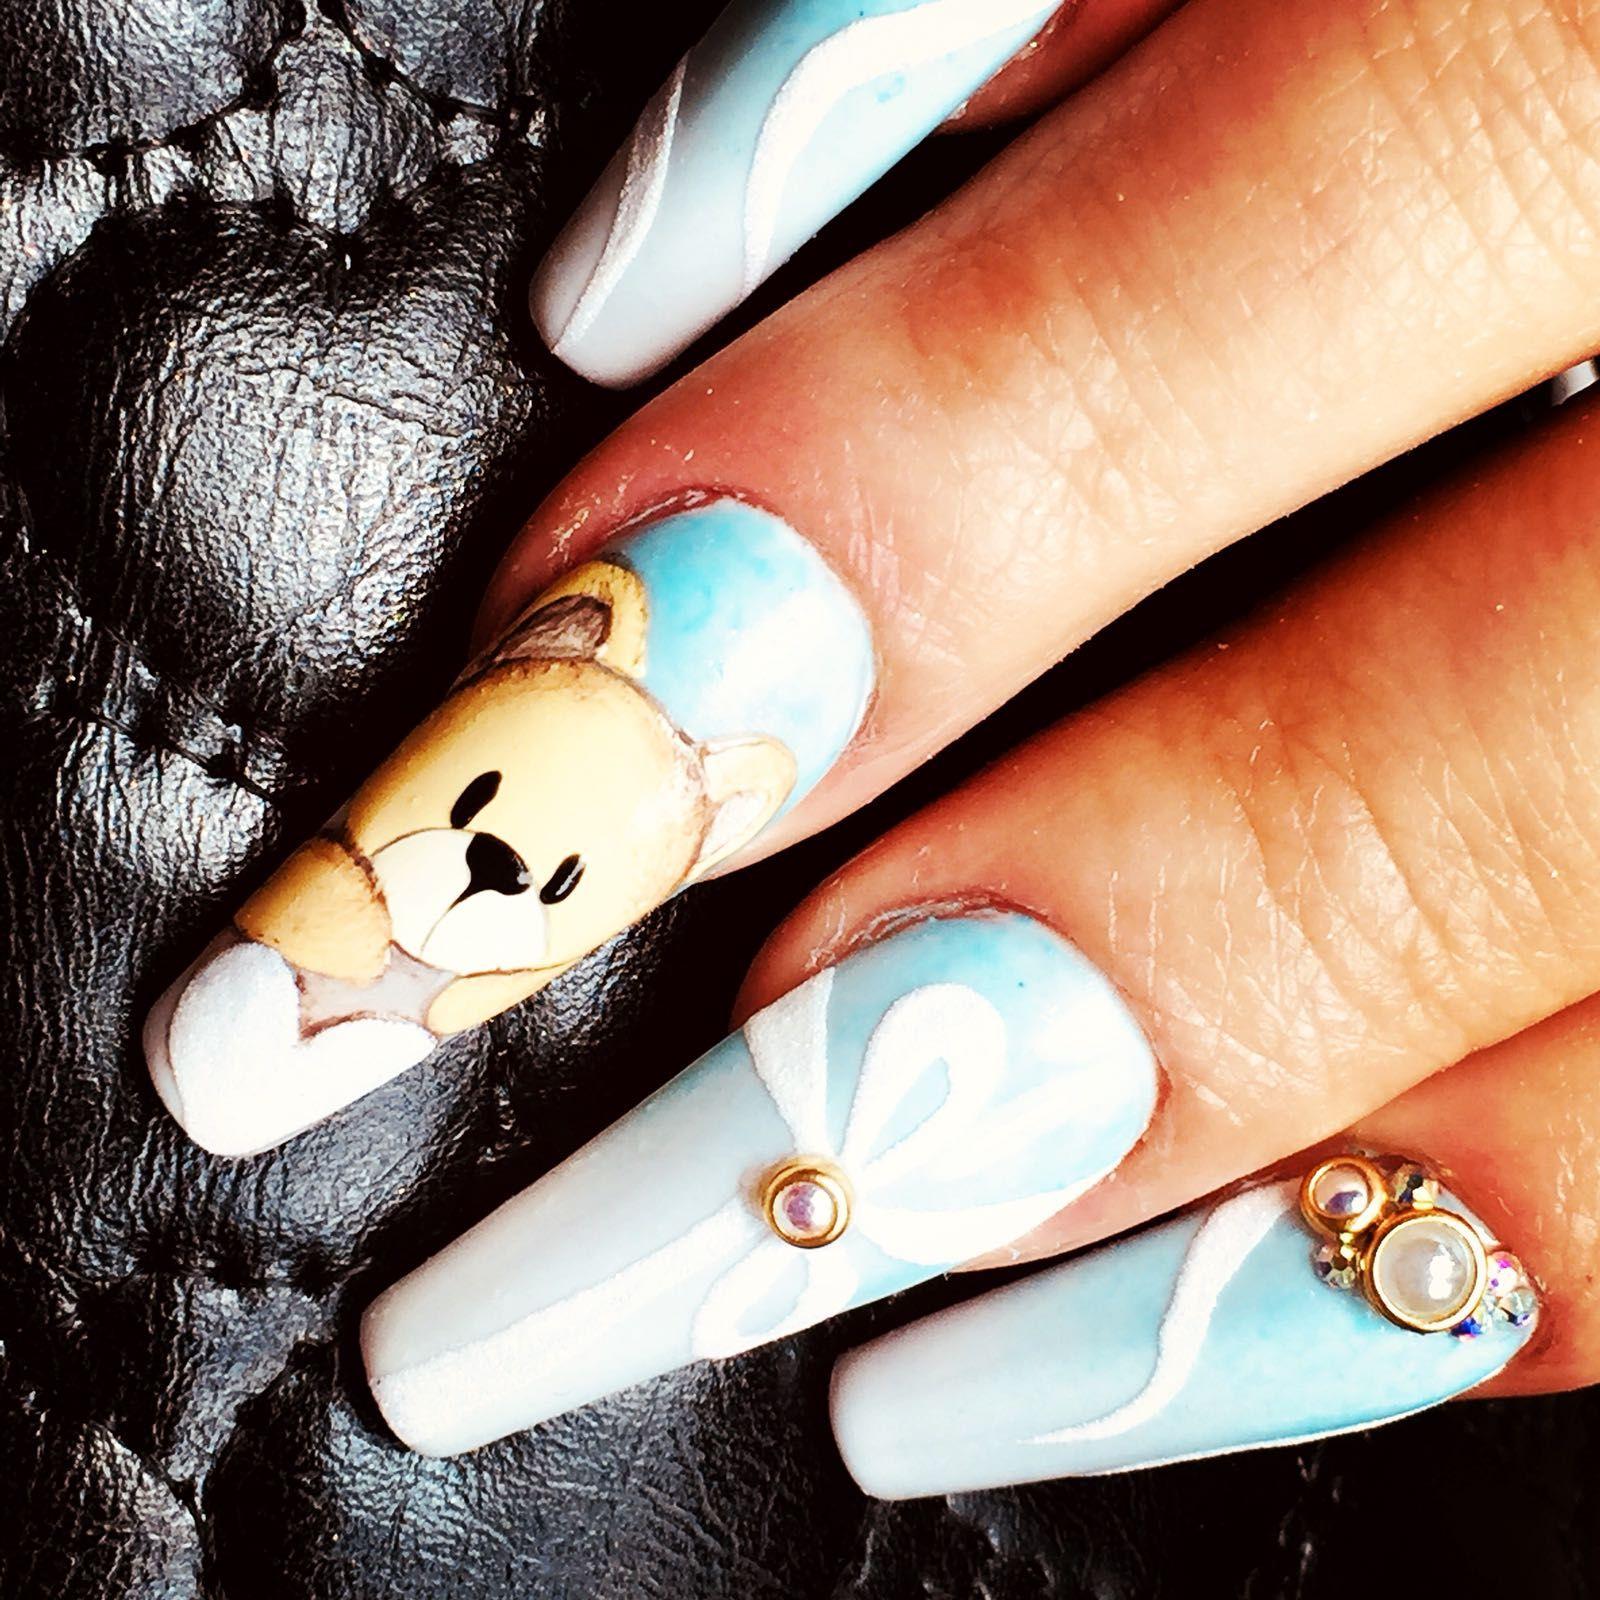 Diseños desenfadados para tus uñas en Barcelona